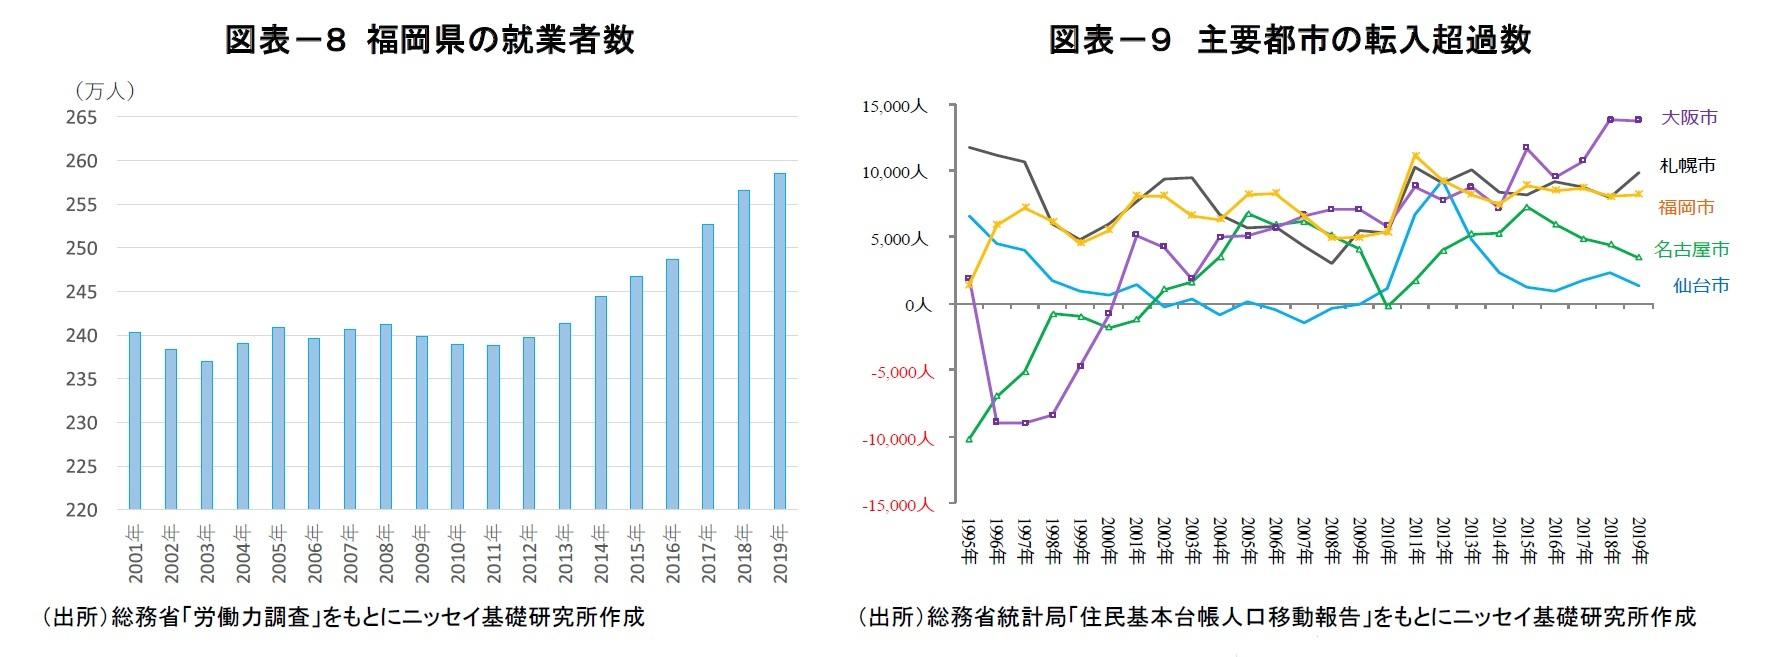 図表-8 福岡県の就業者数/図表-9 主要都市の転入超過数